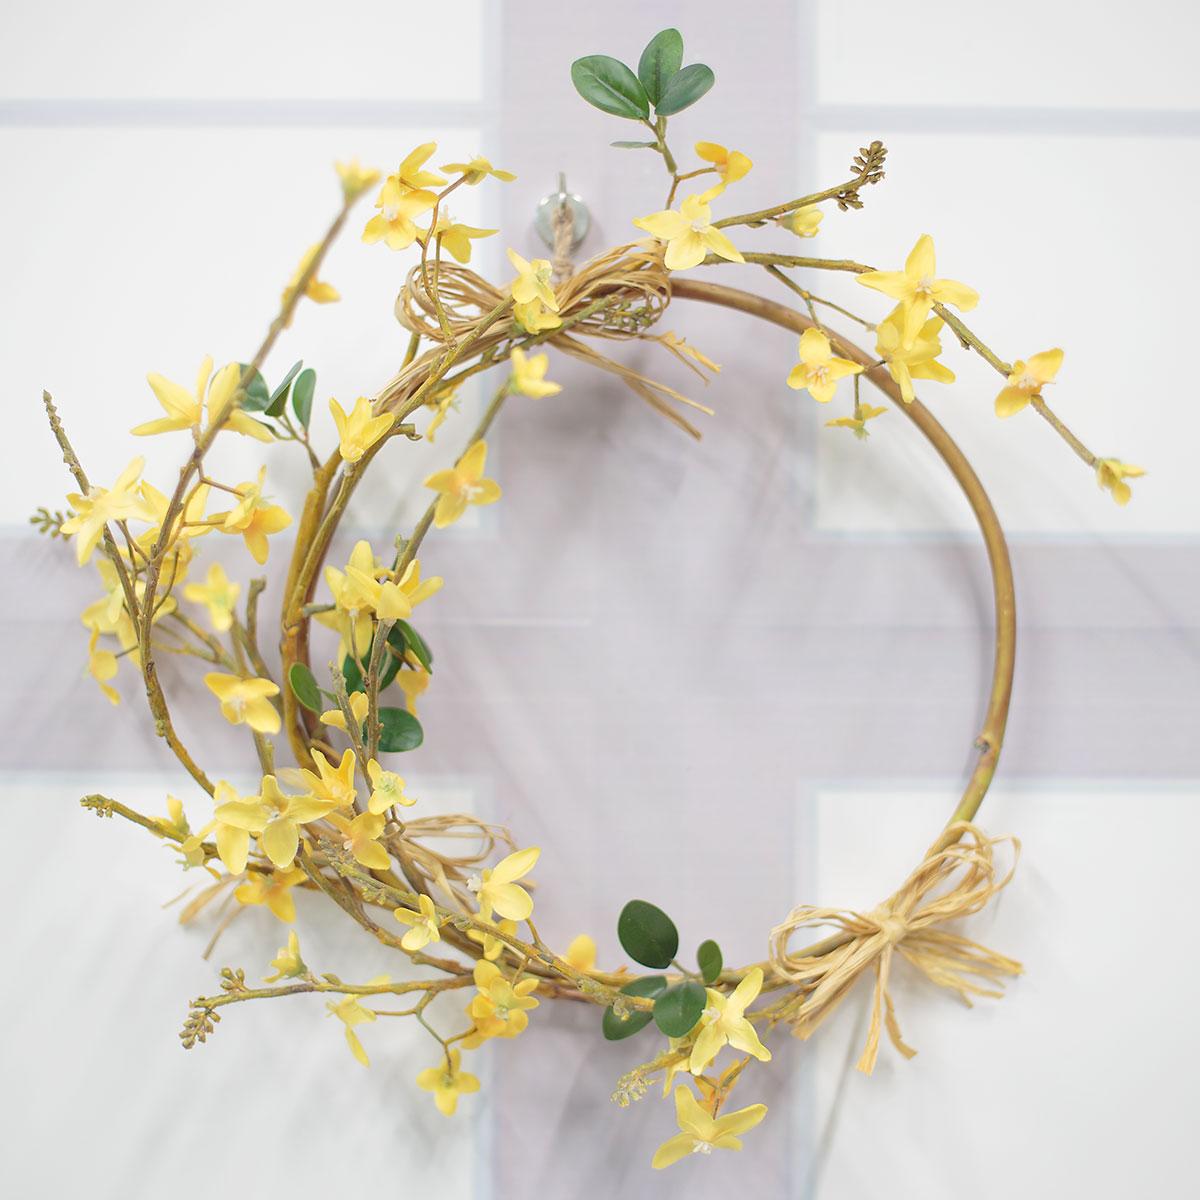 실크플라워 네추럴 봄 개나리 꽃리스 기본사진